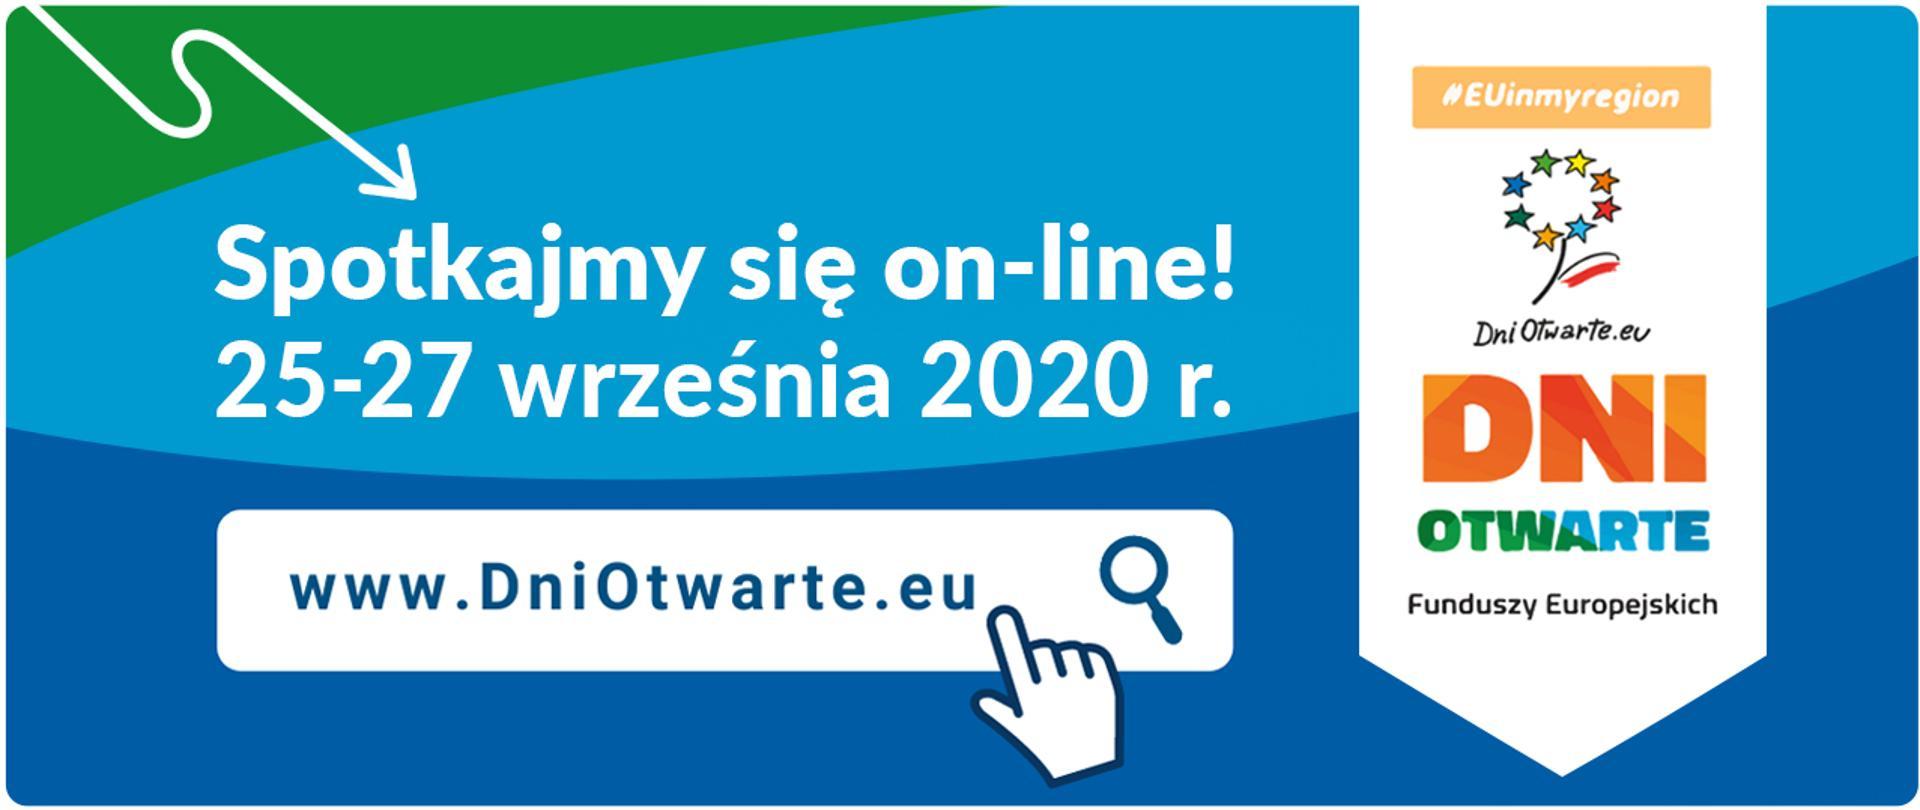 Dni Otwarte Funduszy Europejskich 2020